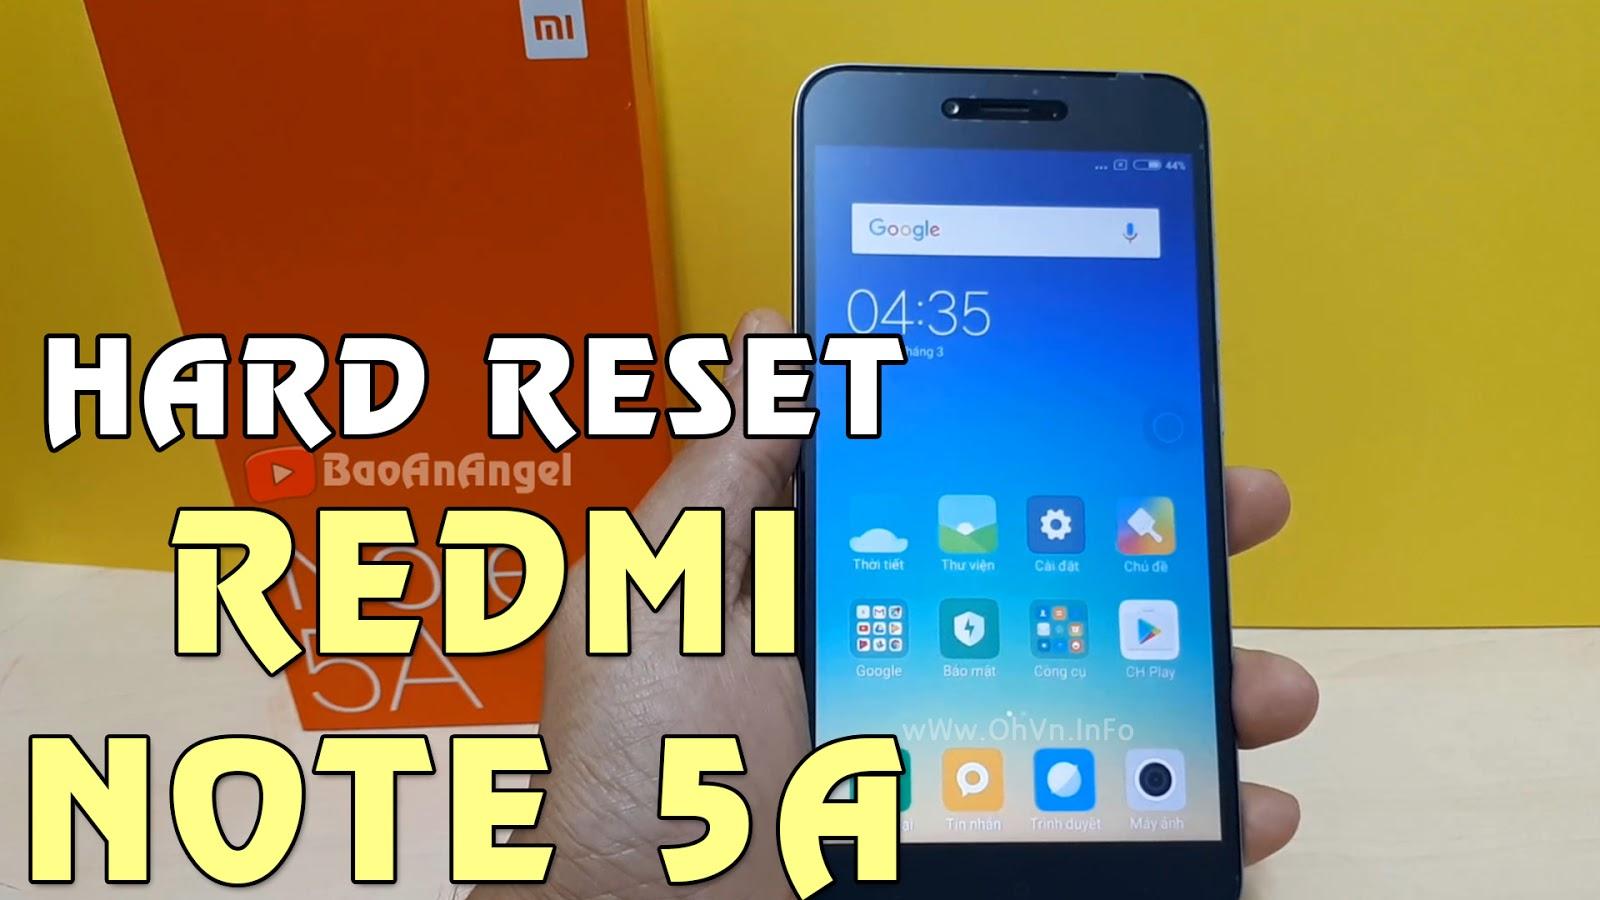 Hướng dẫn Hard Reset Xiaomi Redmi Note 5A   Quên mật khẩu màn hình